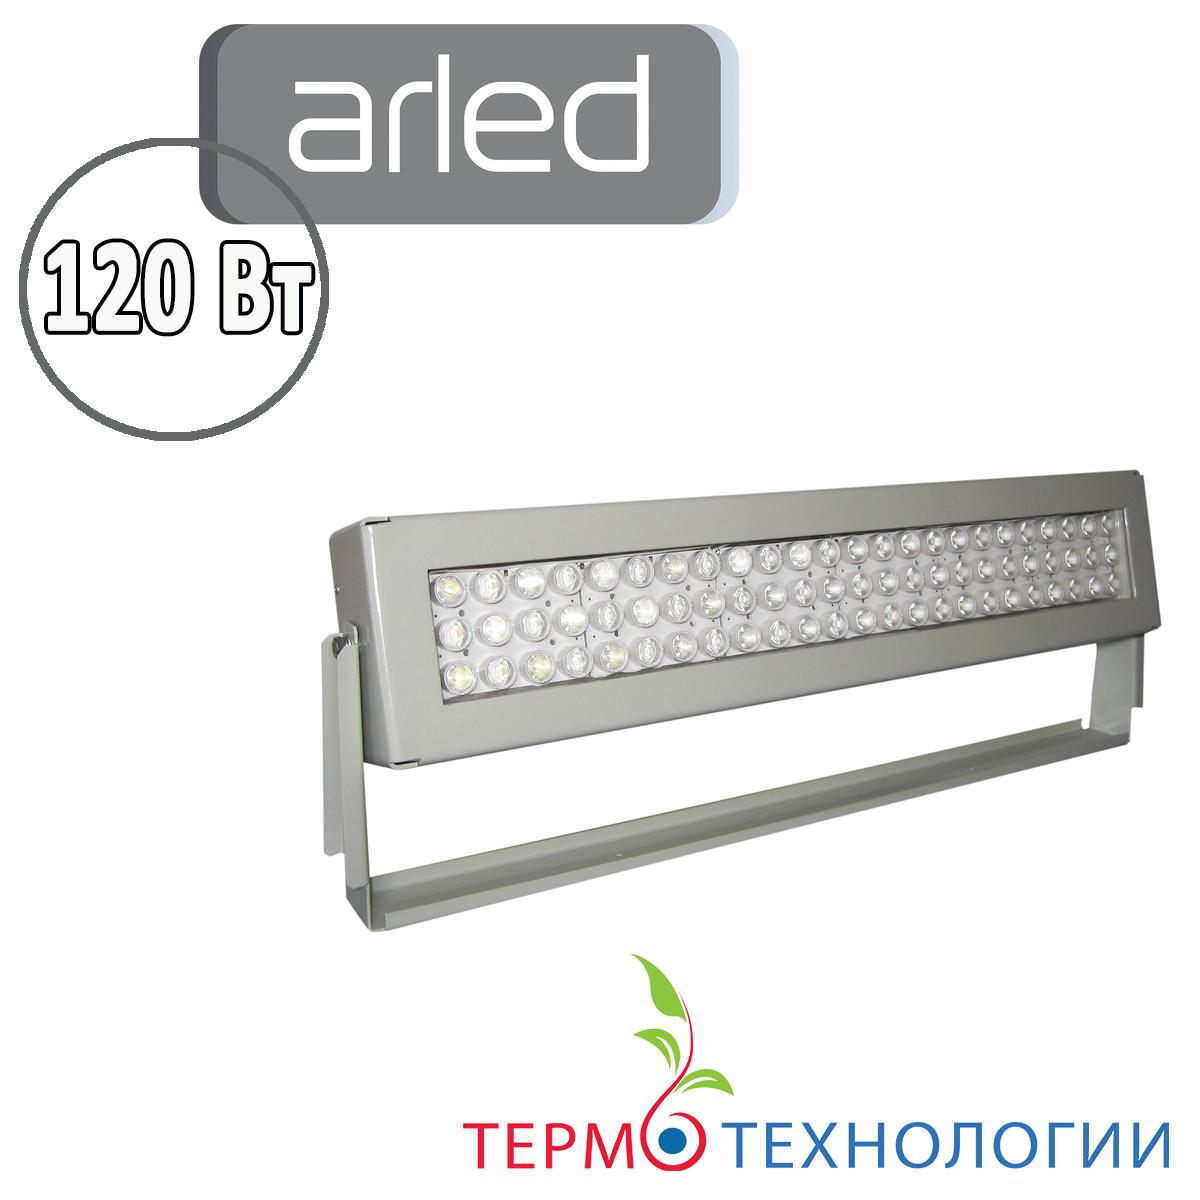 Светодиодный светильник Arled Lens 120 Вт